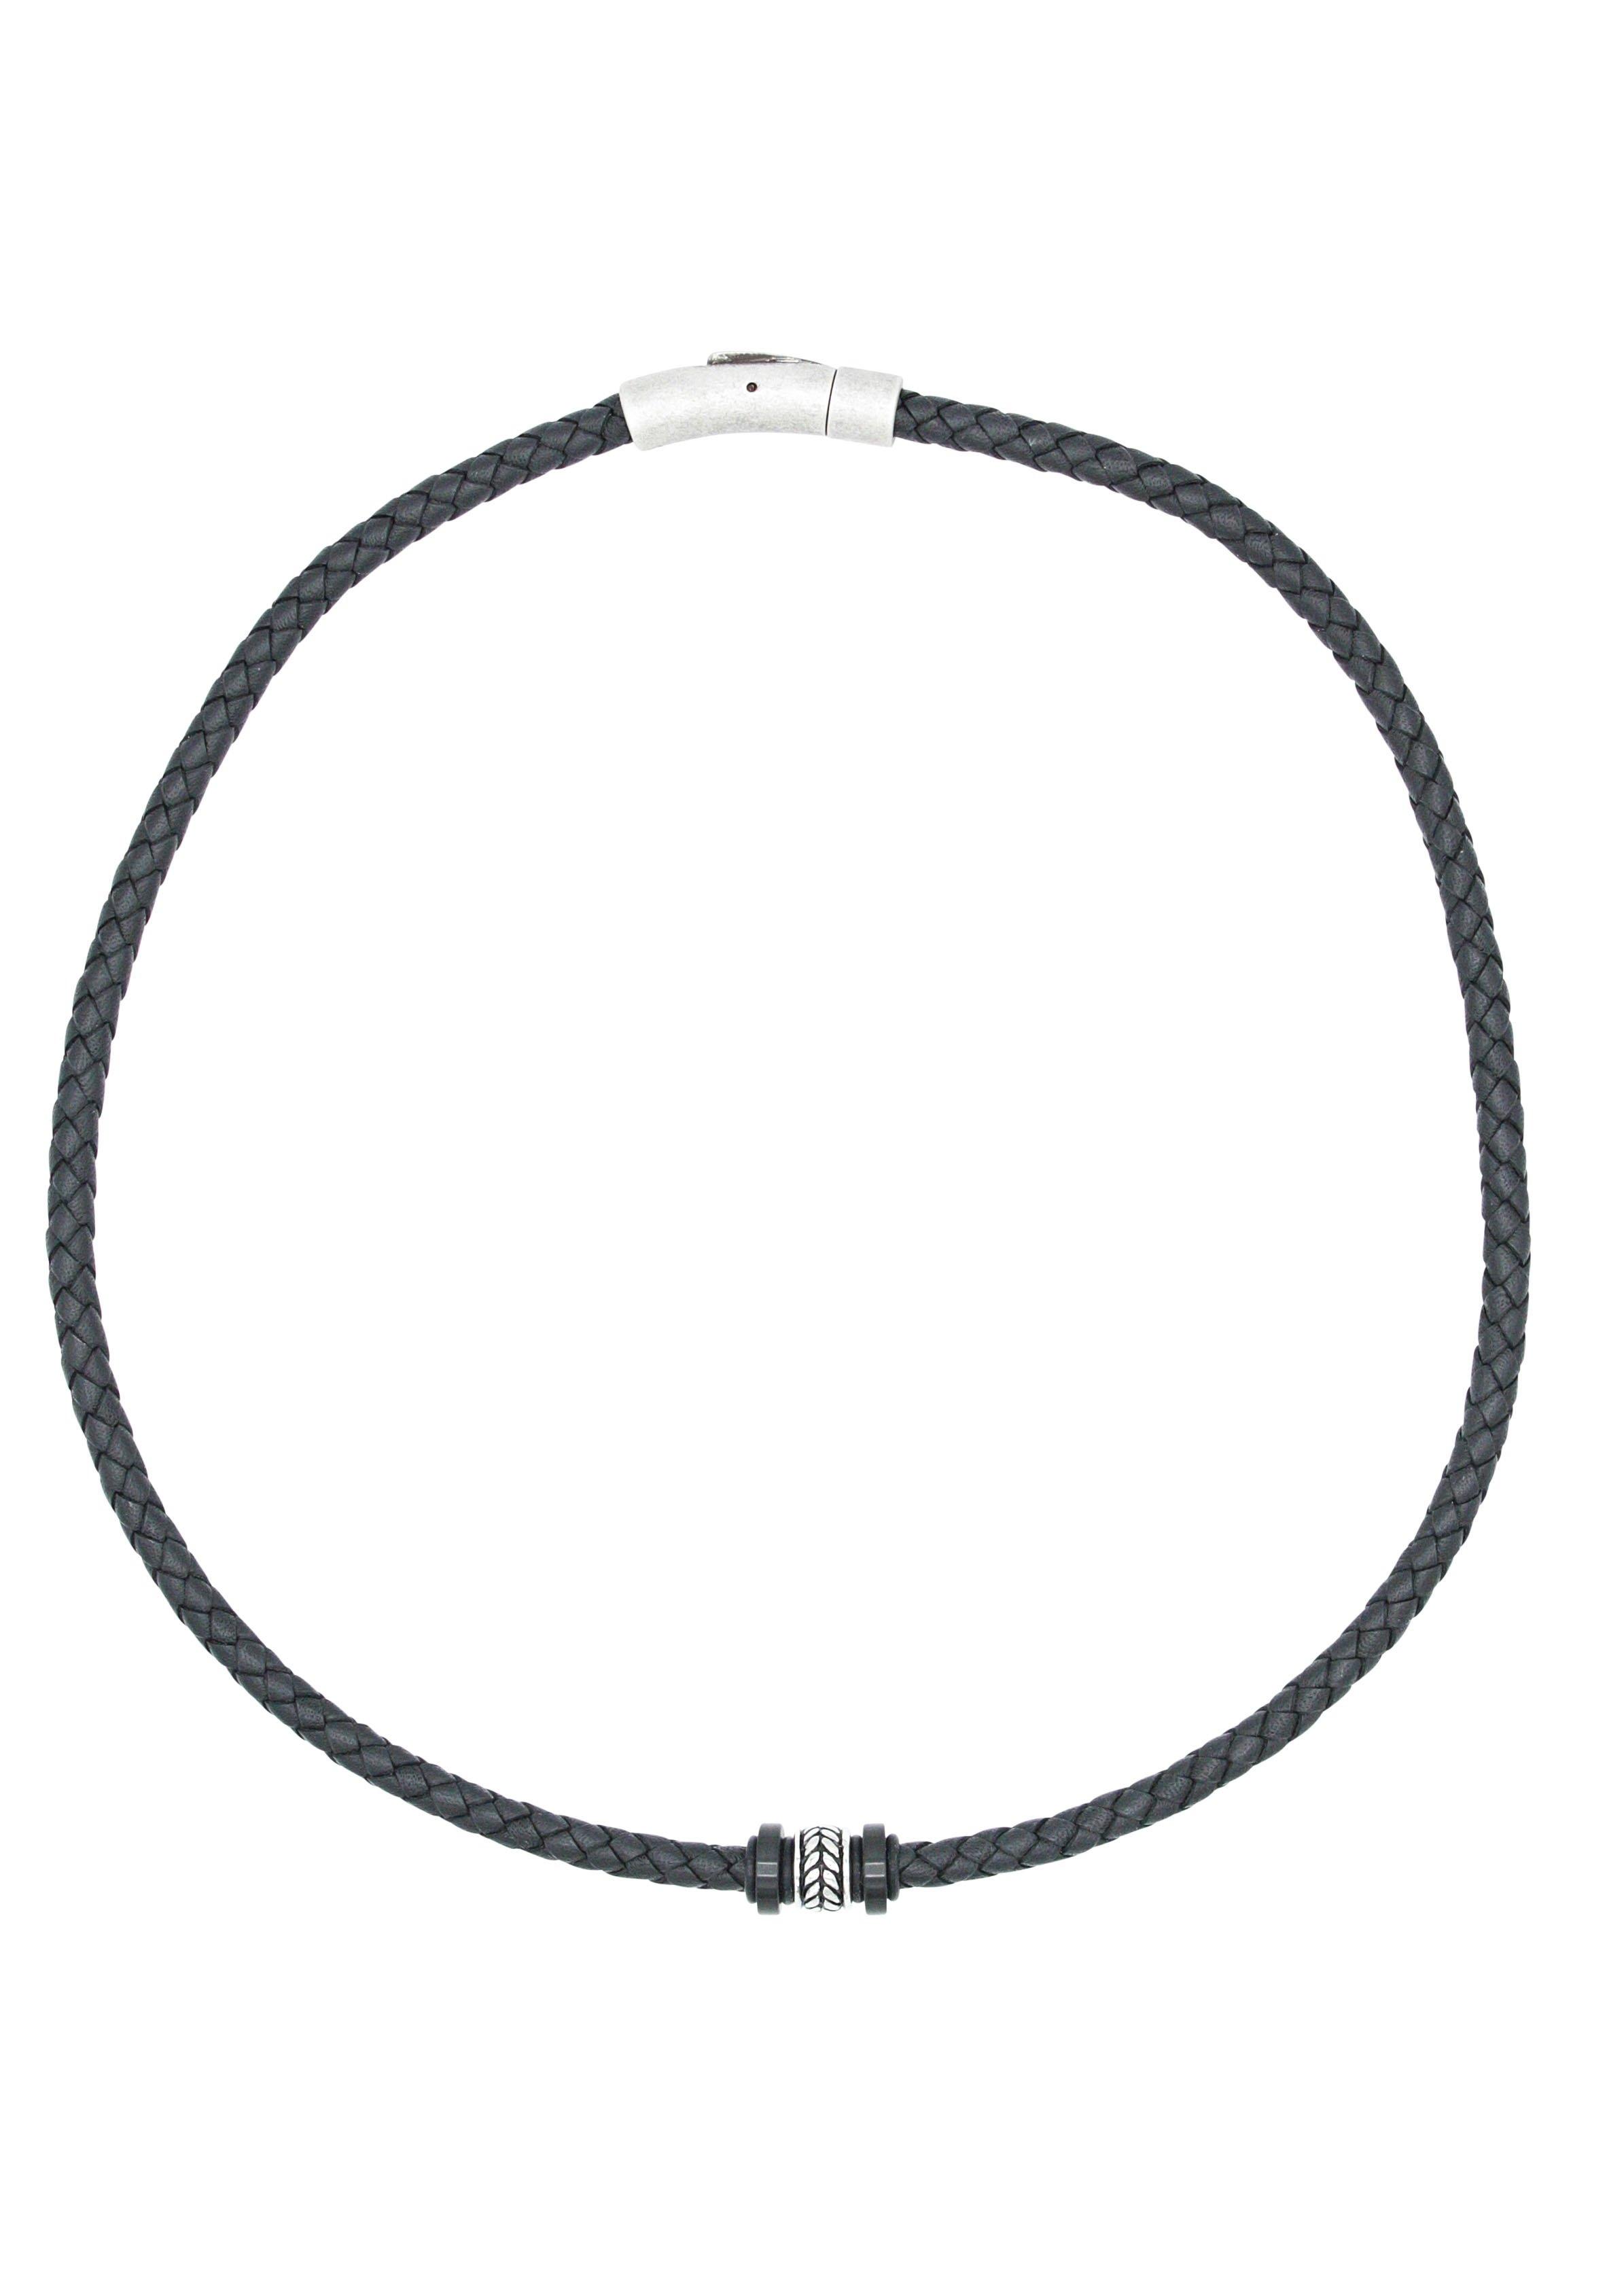 STEELWEAR Ketting met hanger Madrid, SW-632 nu online kopen bij OTTO